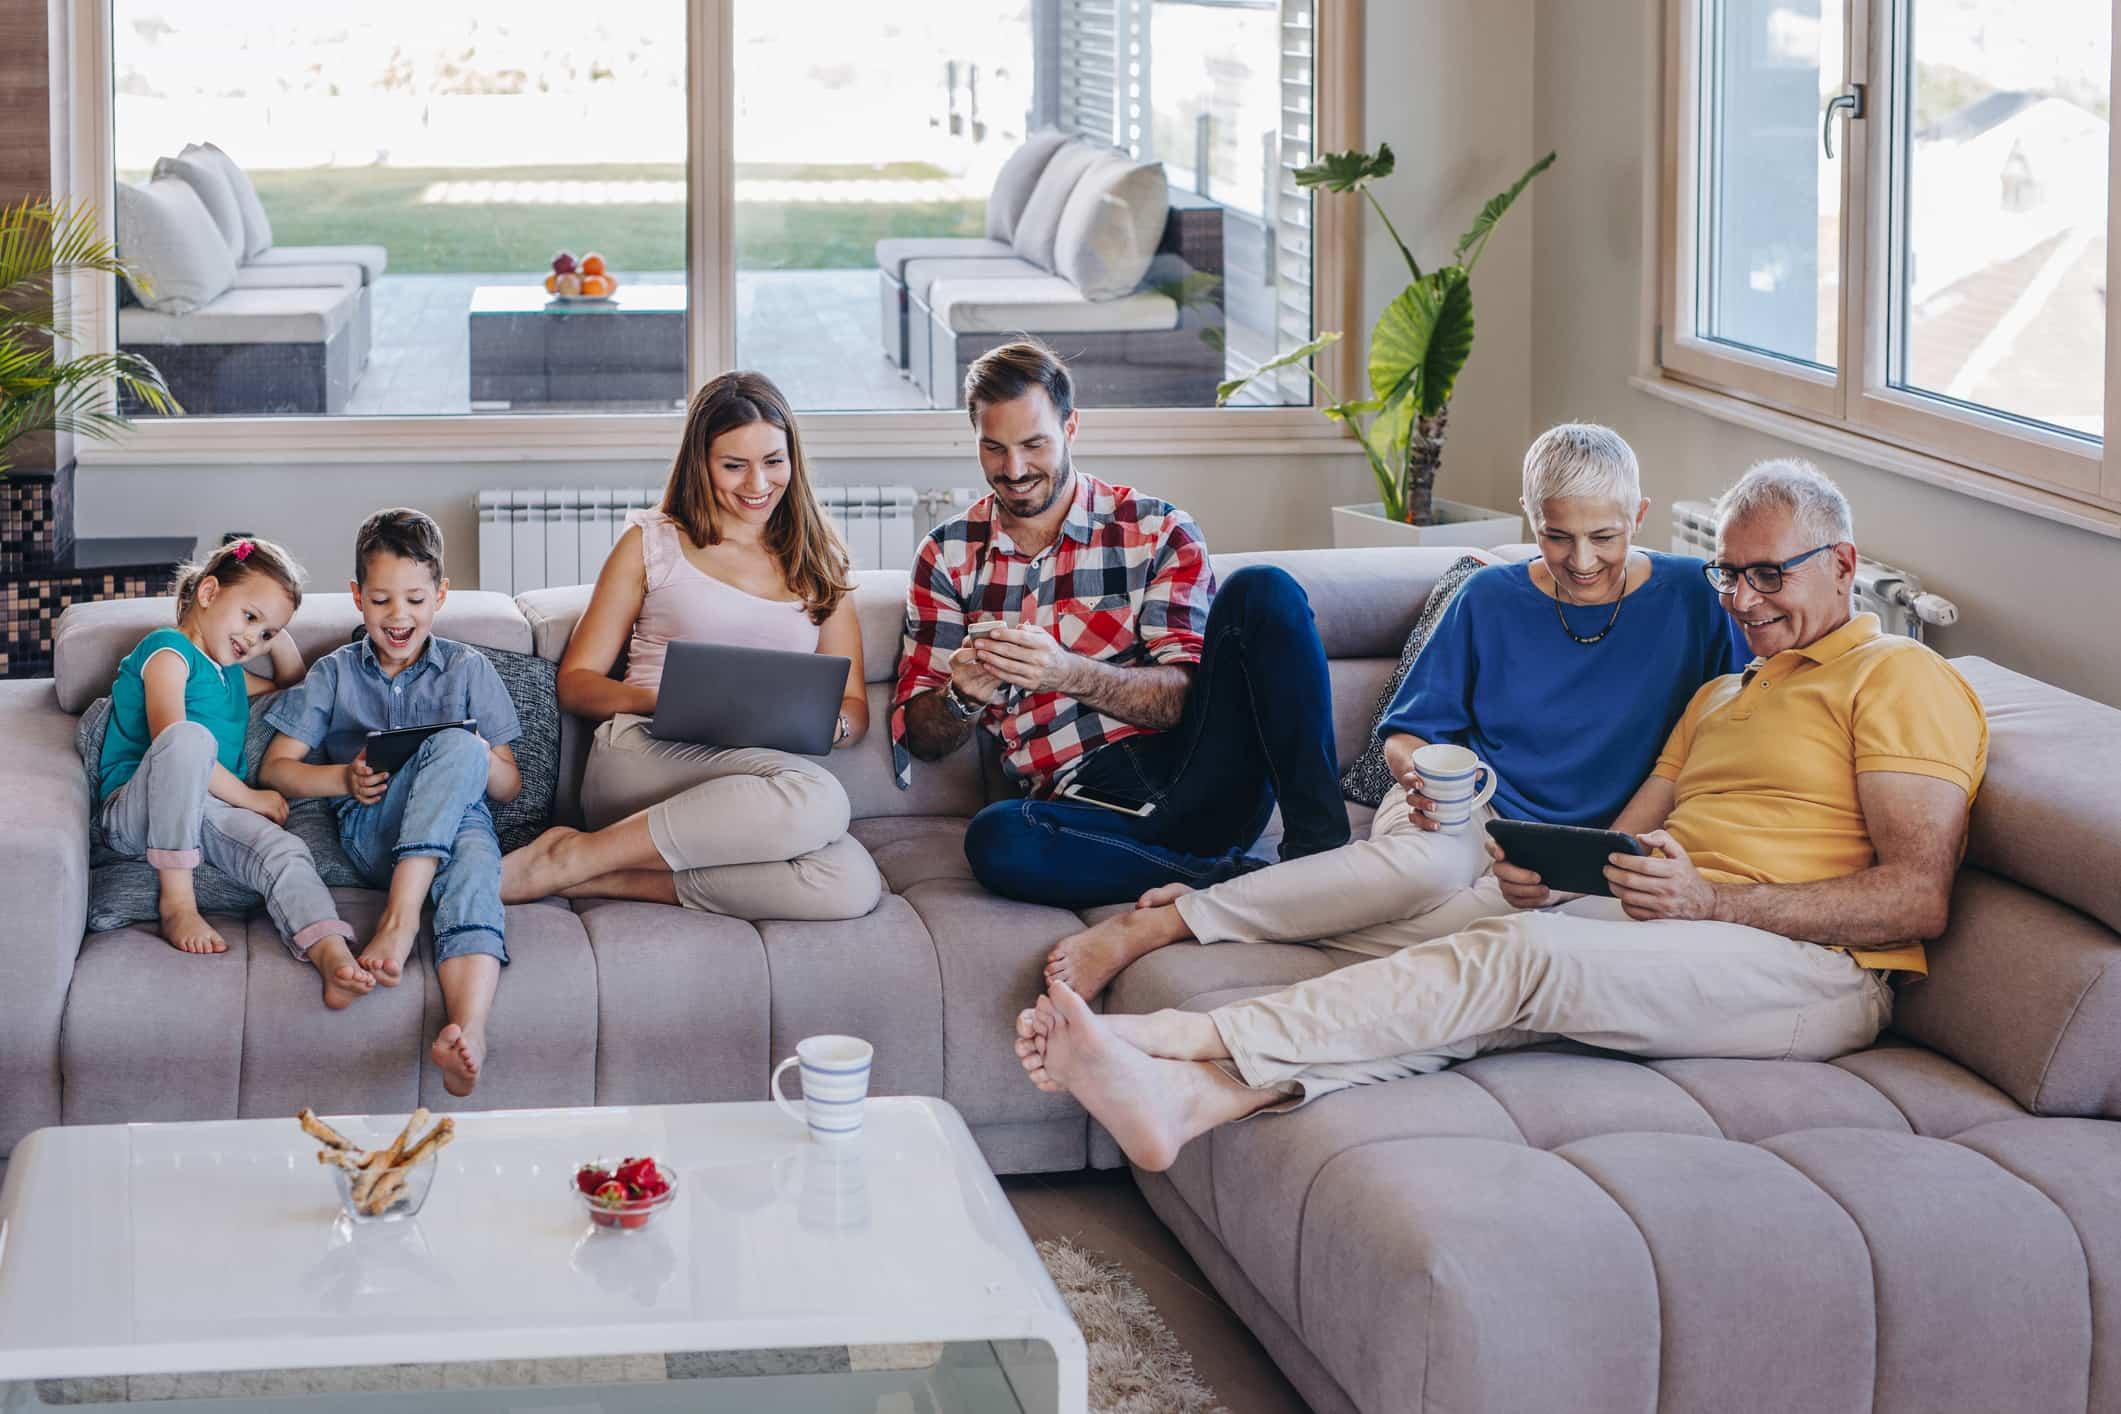 Marketing Digital y cómo llegar a las distintas generaciones